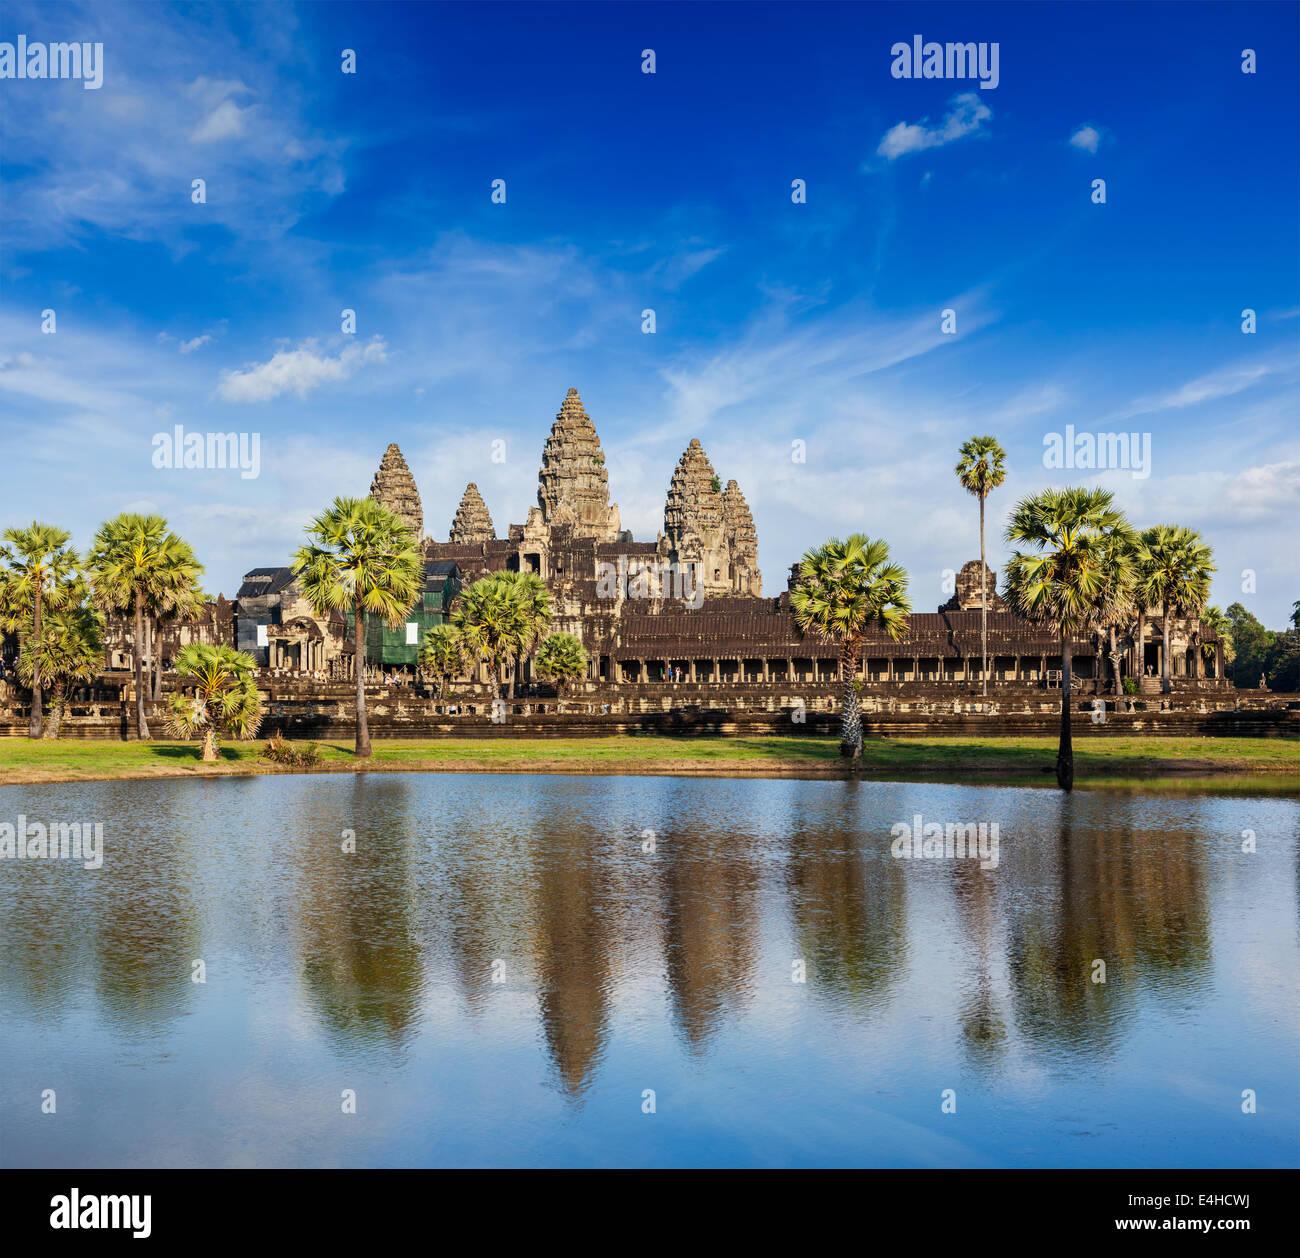 Hito de Camboya Angkor Wat con reflejo en el agua Imagen De Stock